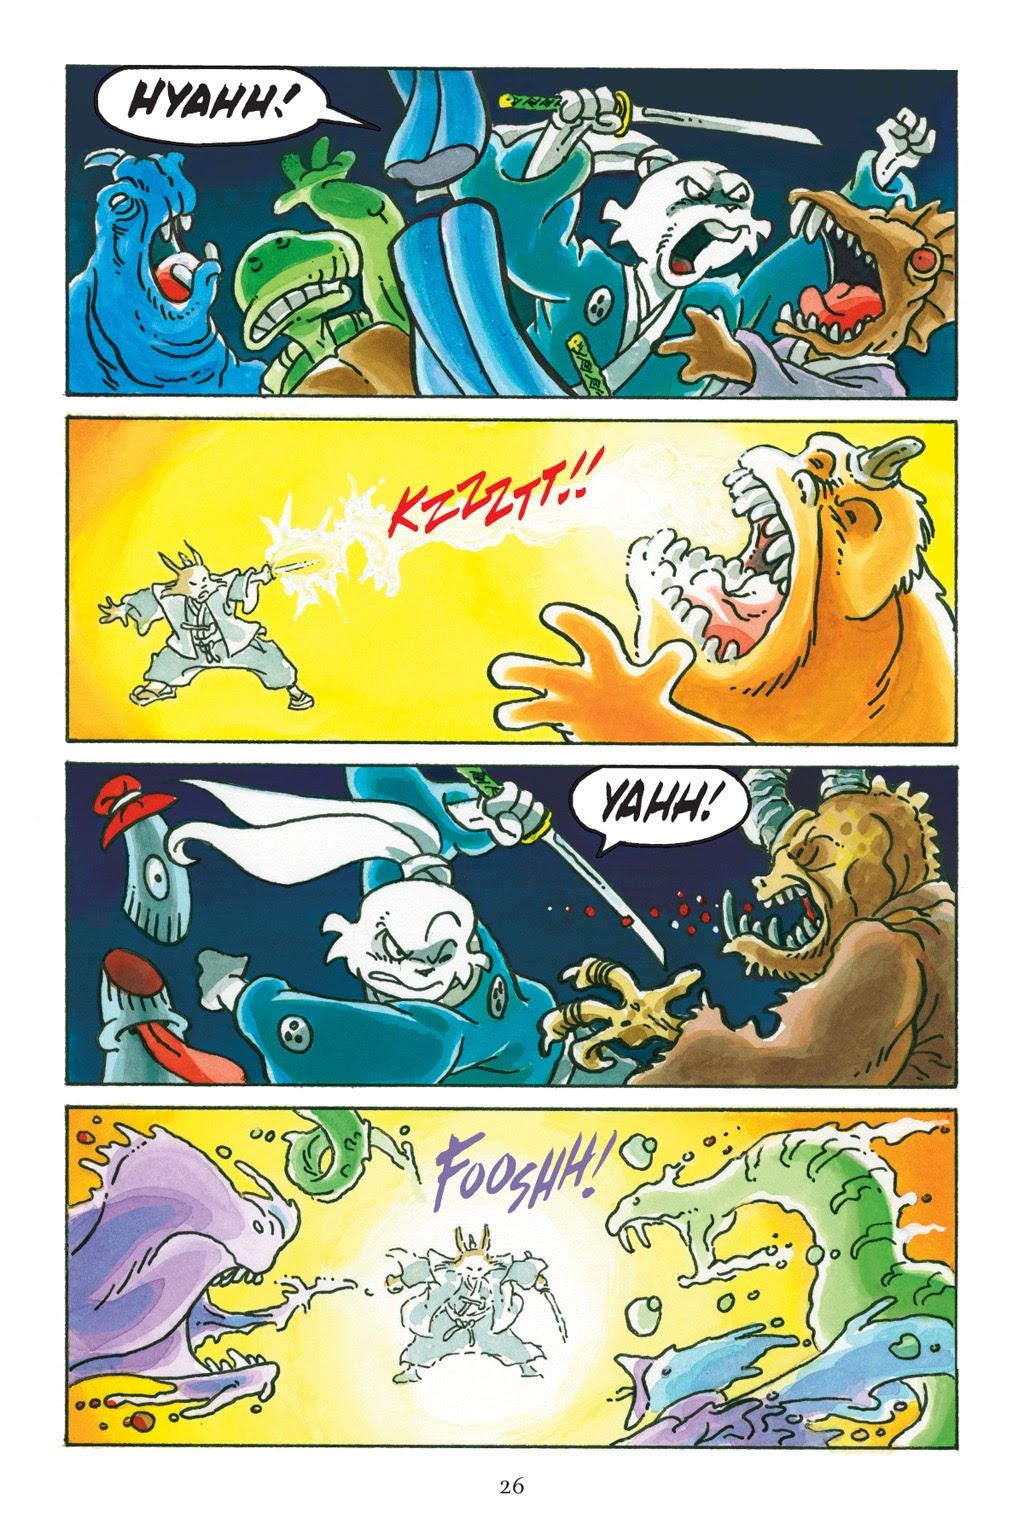 Read online Usagi Yojimbo: Yokai comic -  Issue # Full - 26